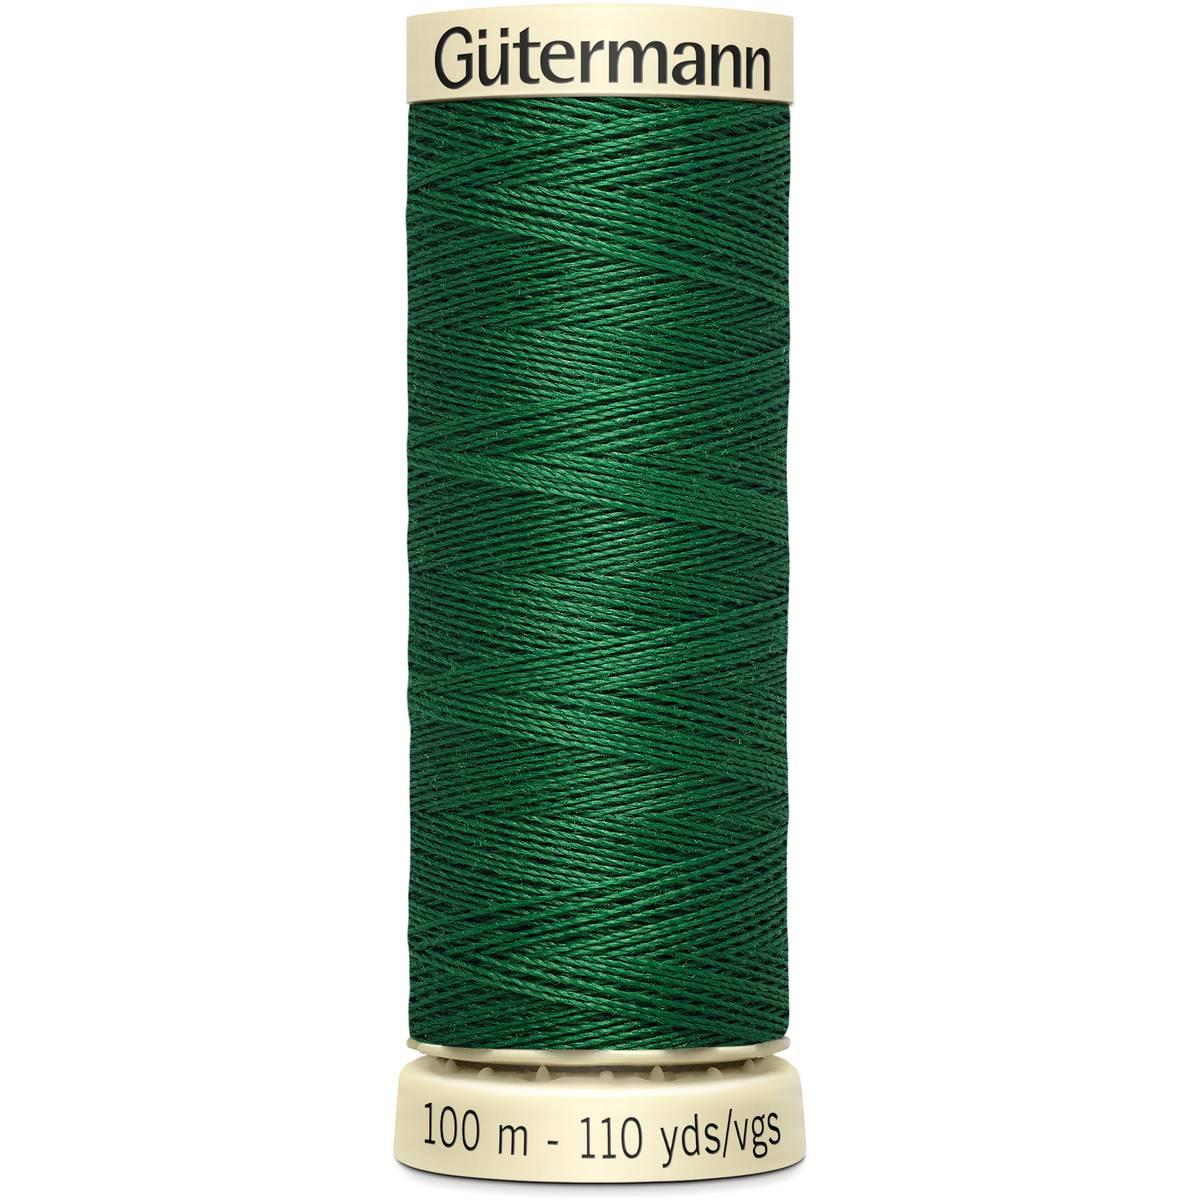 חוט תפירה גוטרמן - Green 237